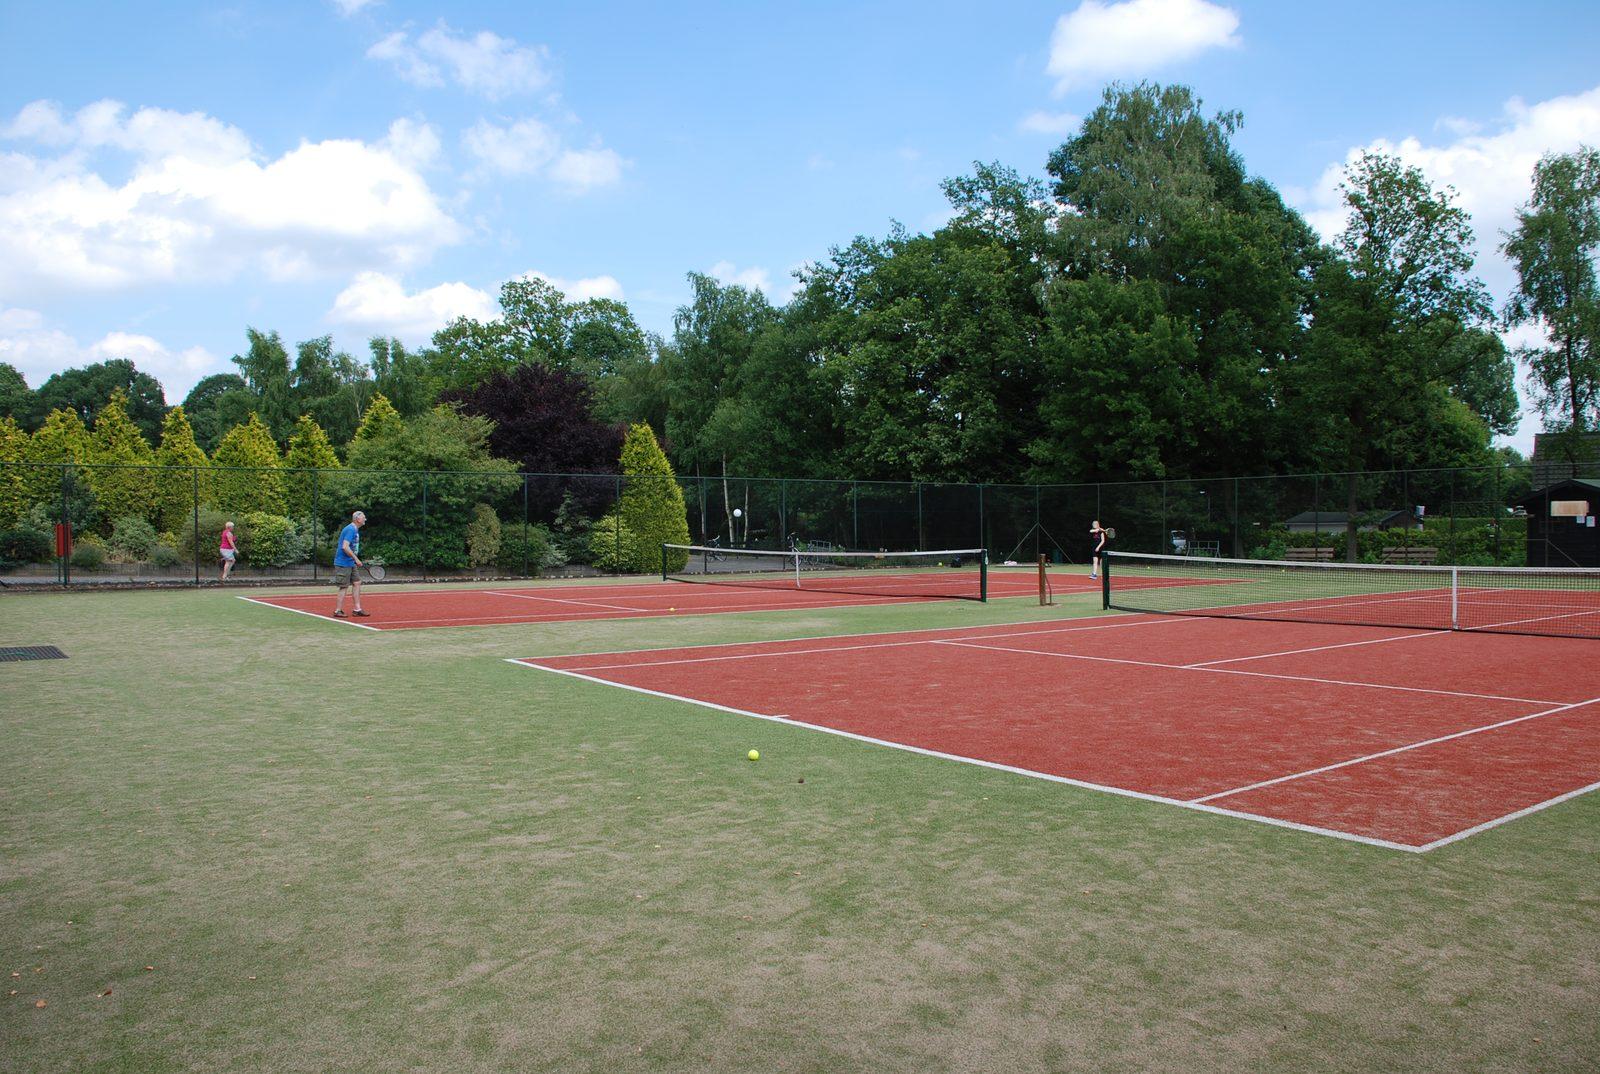 Parc de Kievit bietet ein Ferienhaus für 10 Personen in Brabant, bei dem Sie den Tennisplatz nutzen können.